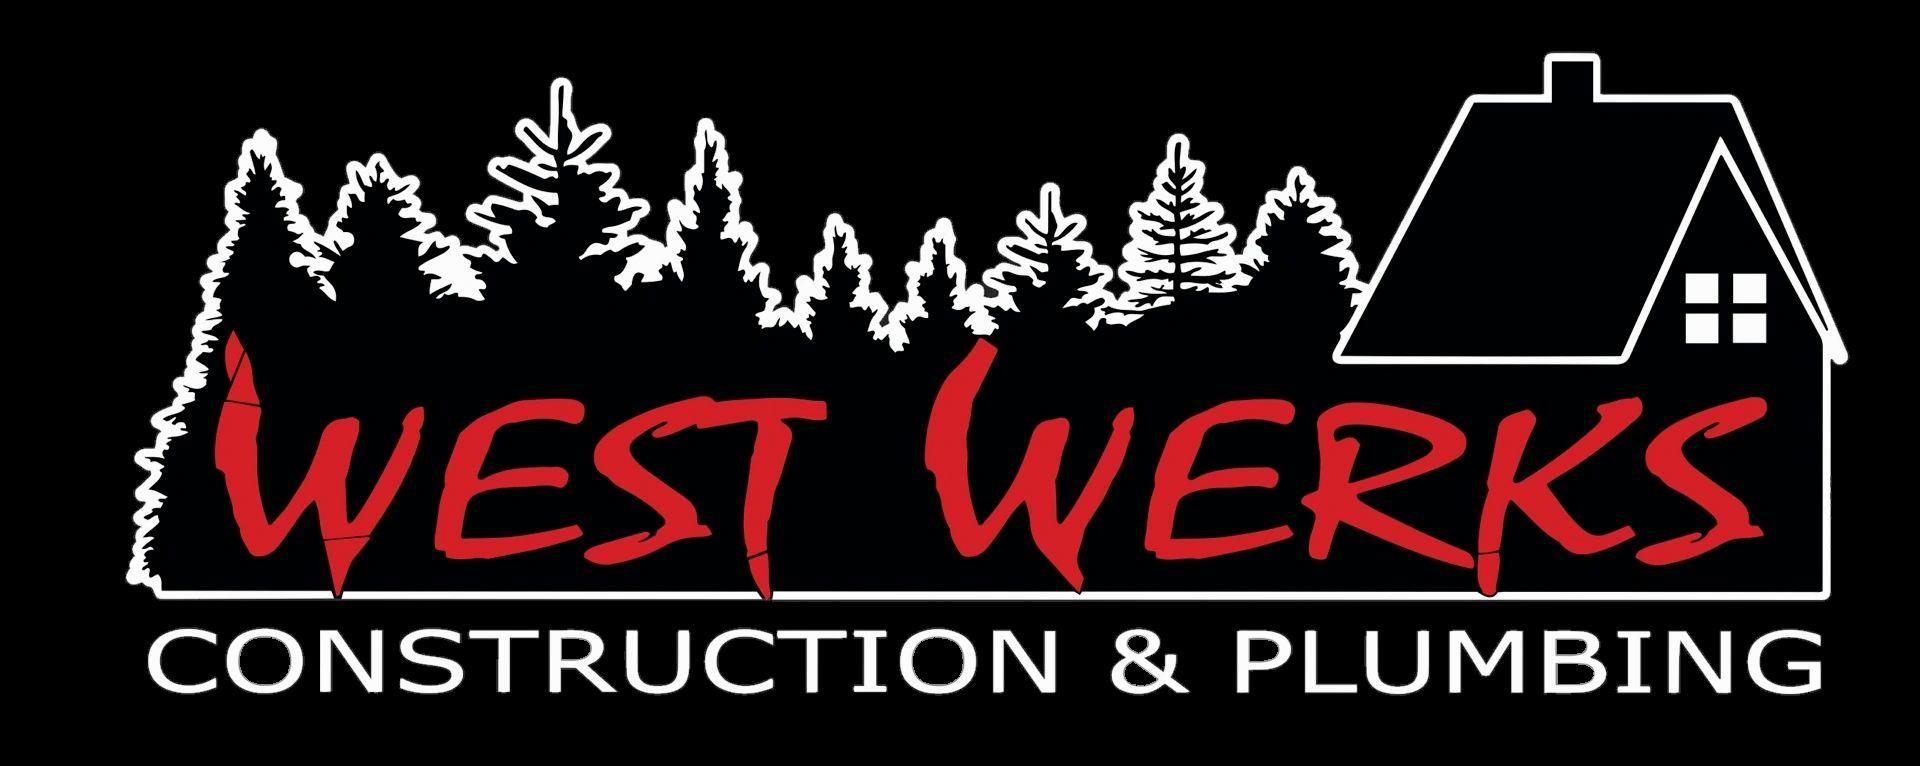 West Werks Construction & Plumbing logo